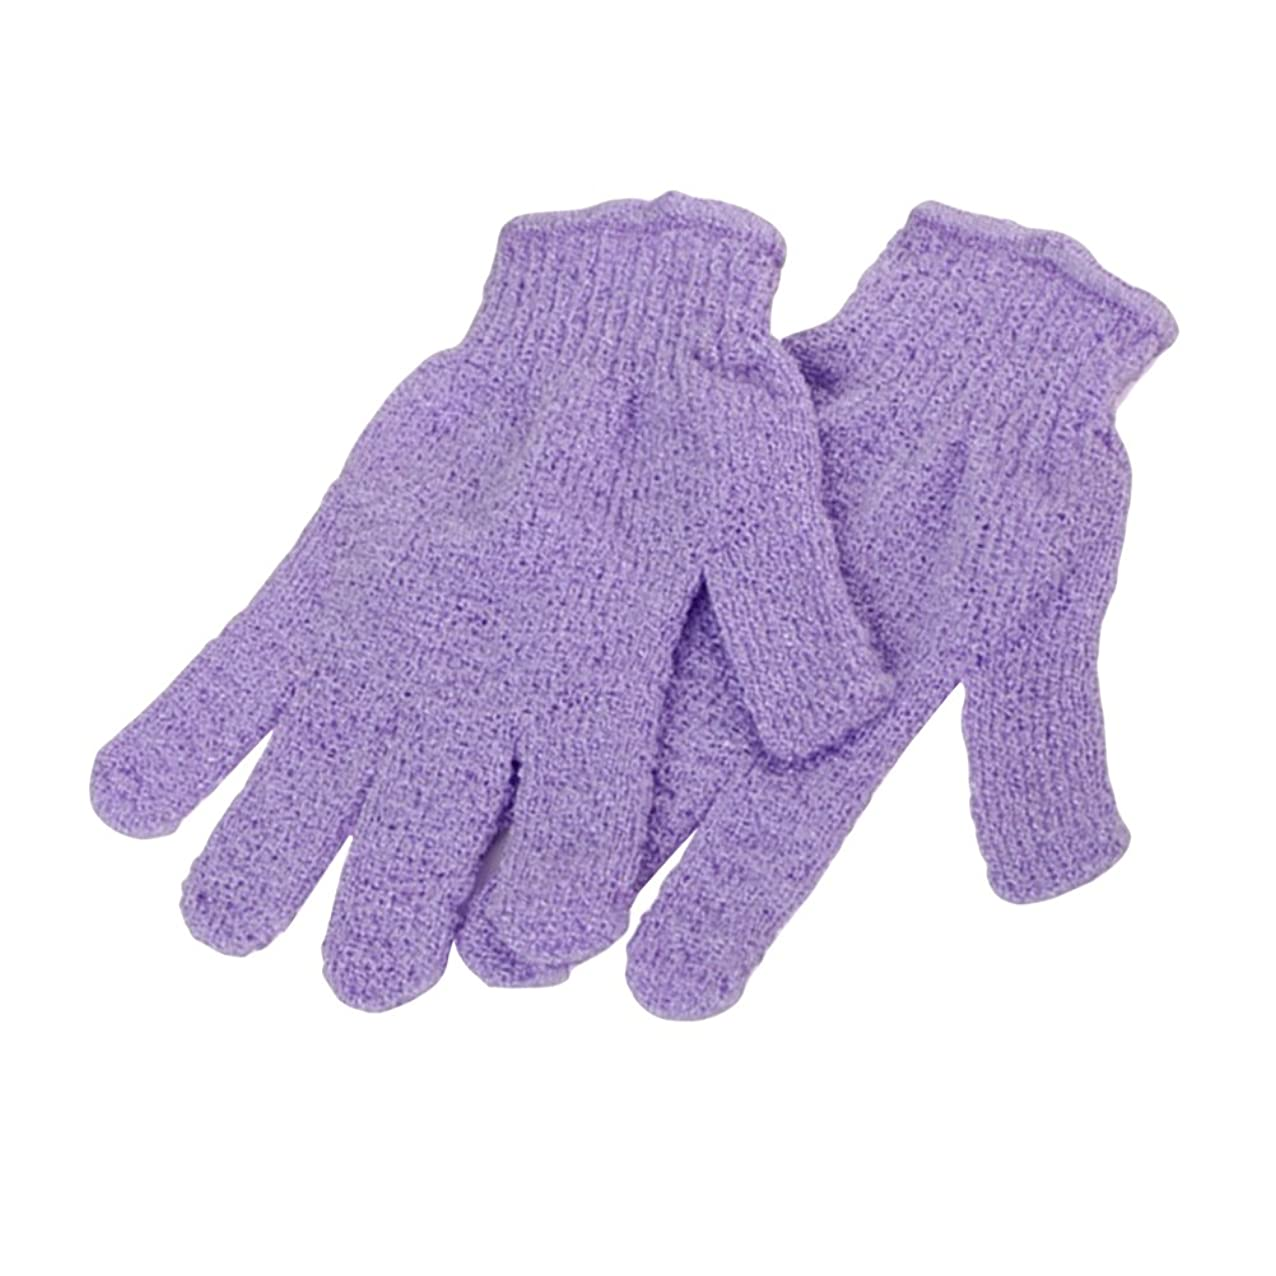 削るわかる自然SUPVOX 2対のシャワー用手袋浴体剥離手袋(ランダムカラー)